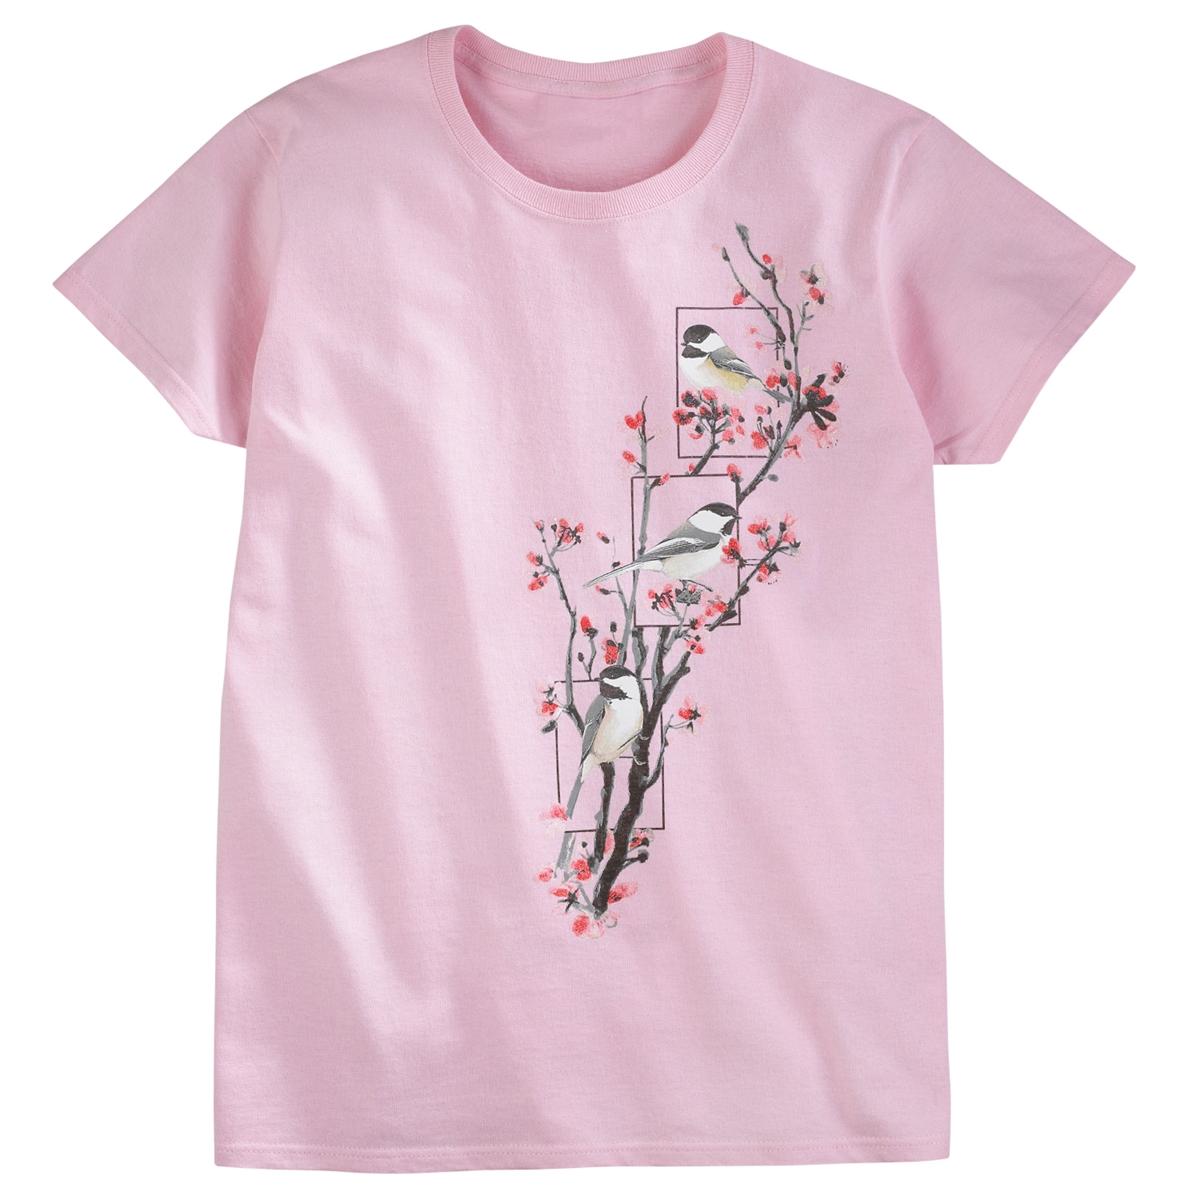 Chickadee Blossom Tee